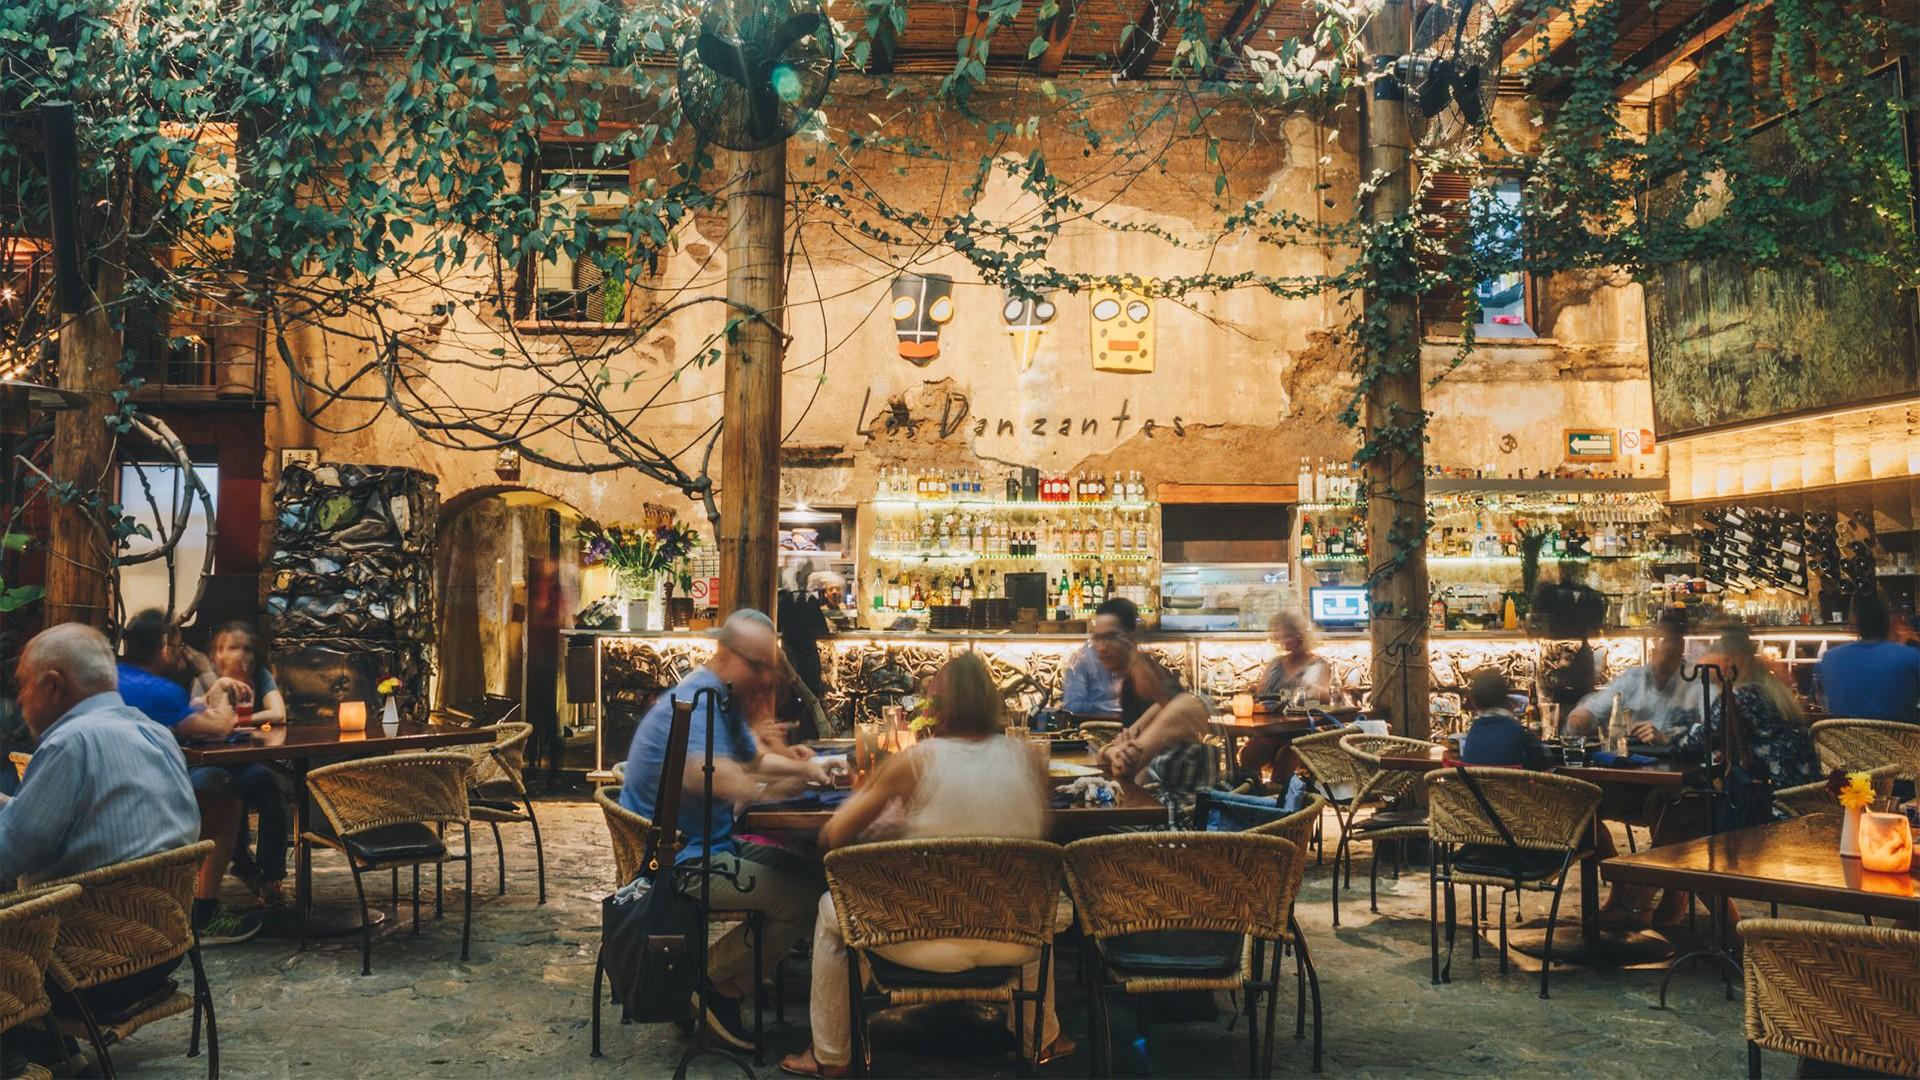 Los Danzantes restaurant in Oaxaca City, Mexico